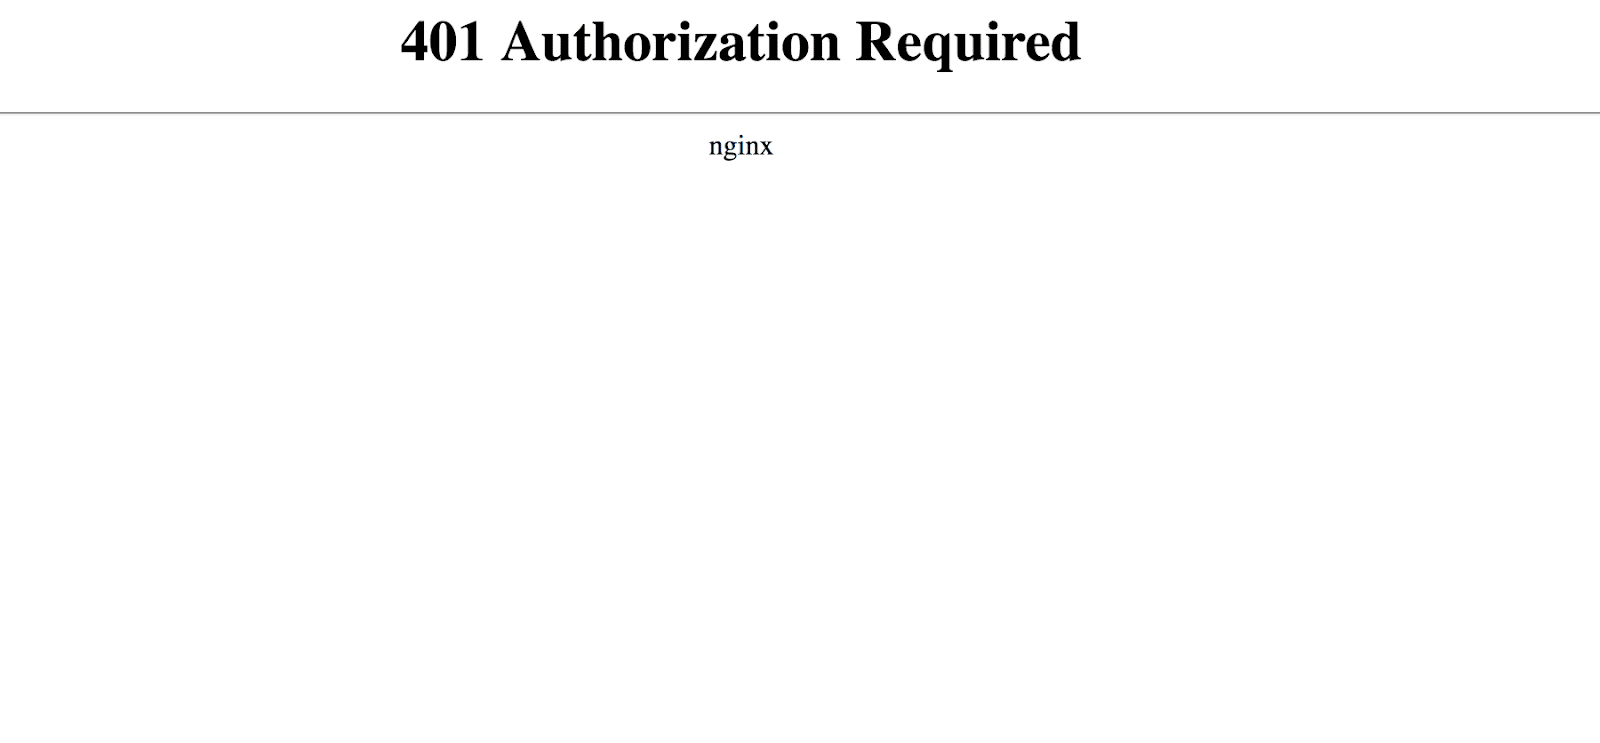 erro no site - erro 401